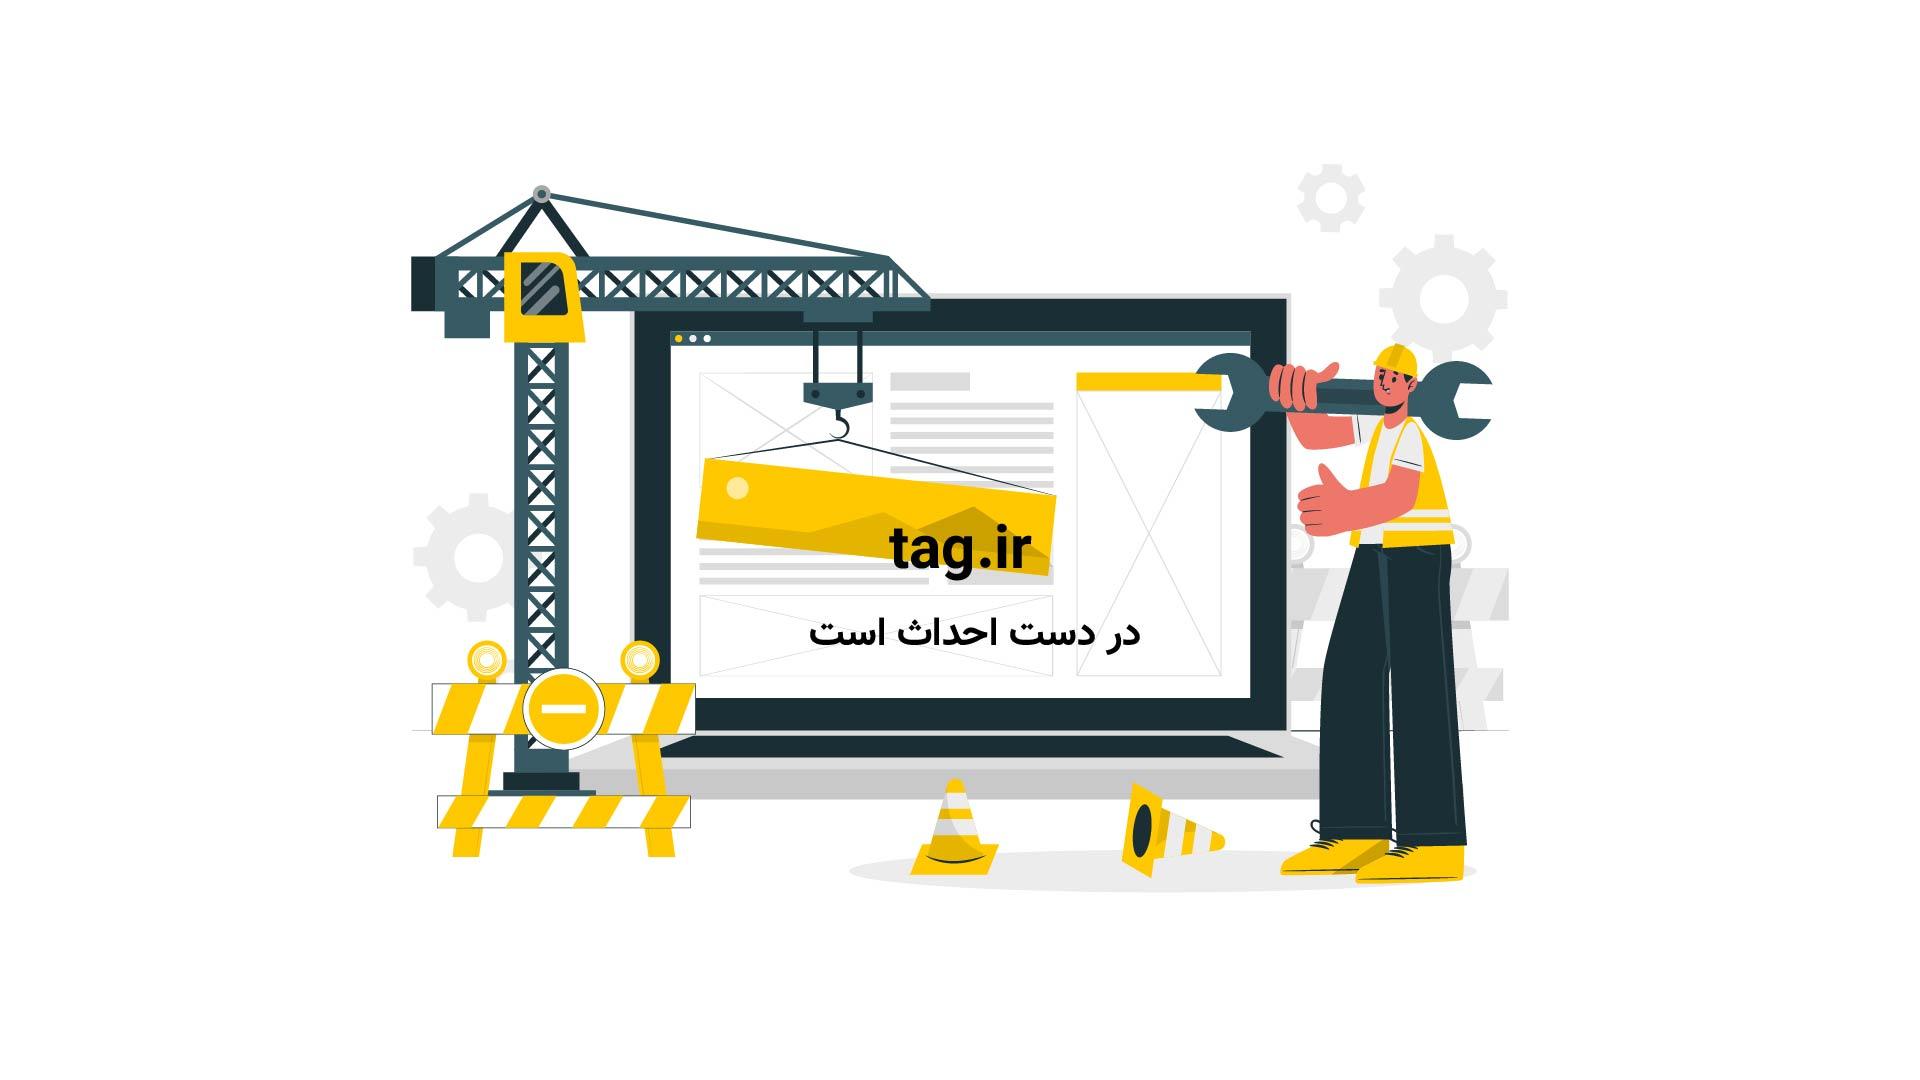 عناوین روزنامههای صبح یکشنبه 23 آبان | فیلم